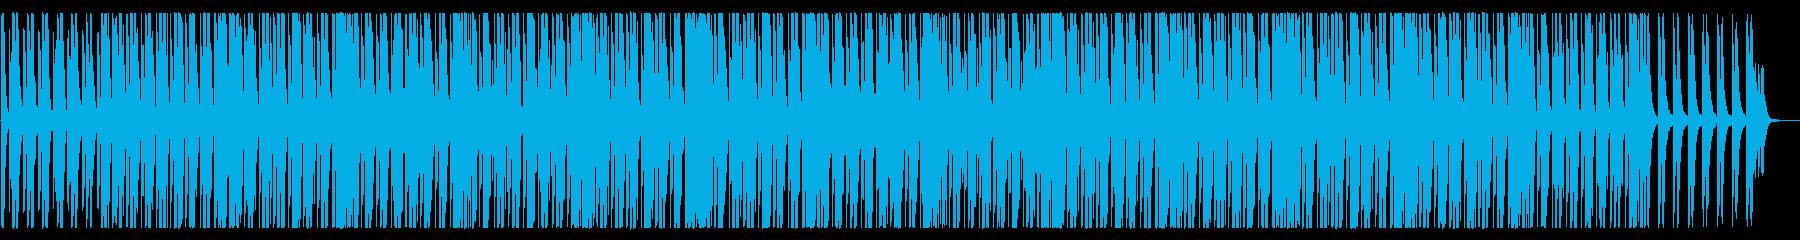 タンゴ(モダンなエレクトロ風)の再生済みの波形